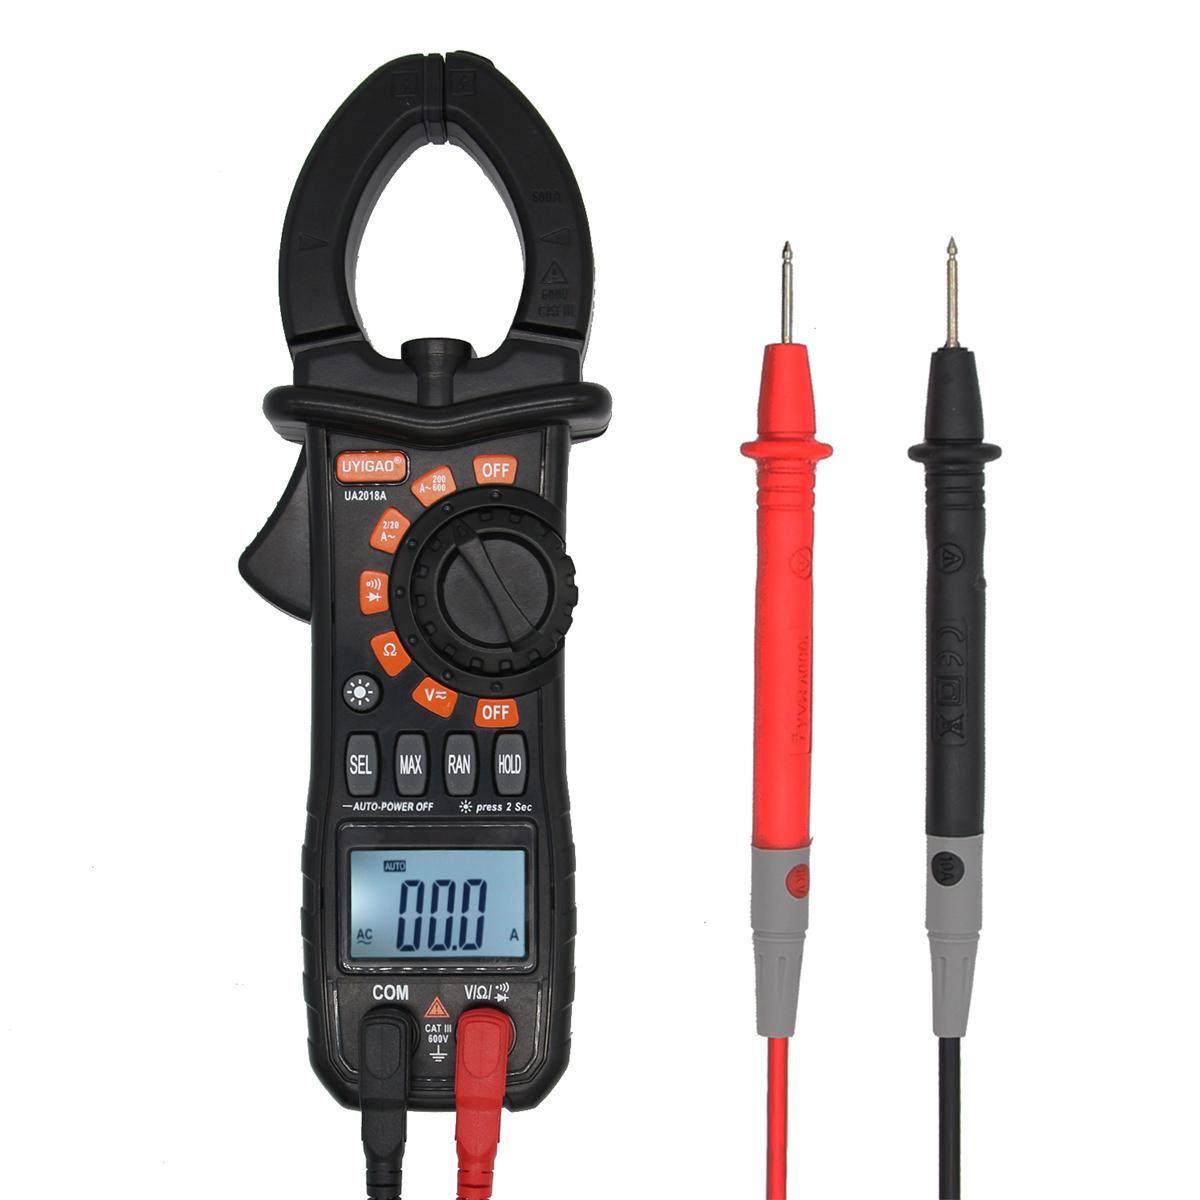 UA2018A LED Clamp Digital Voltmeter Ammeter Ohmmeter Multimeter Tester with Flashlight